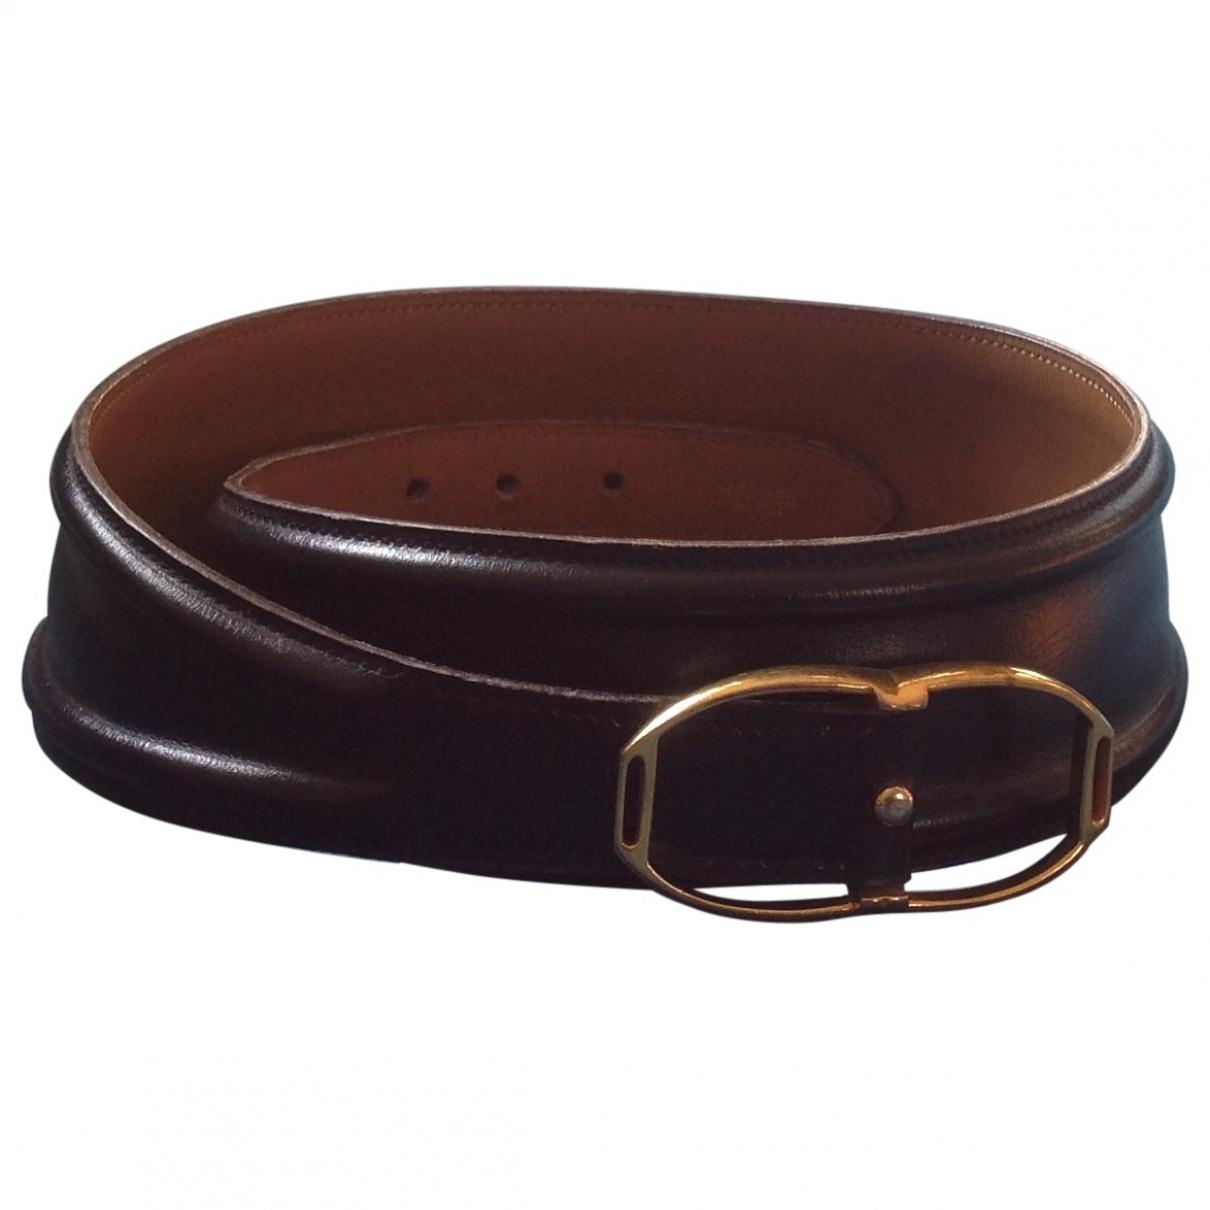 Cinturon Ceinture / Belt de Cuero Hermes